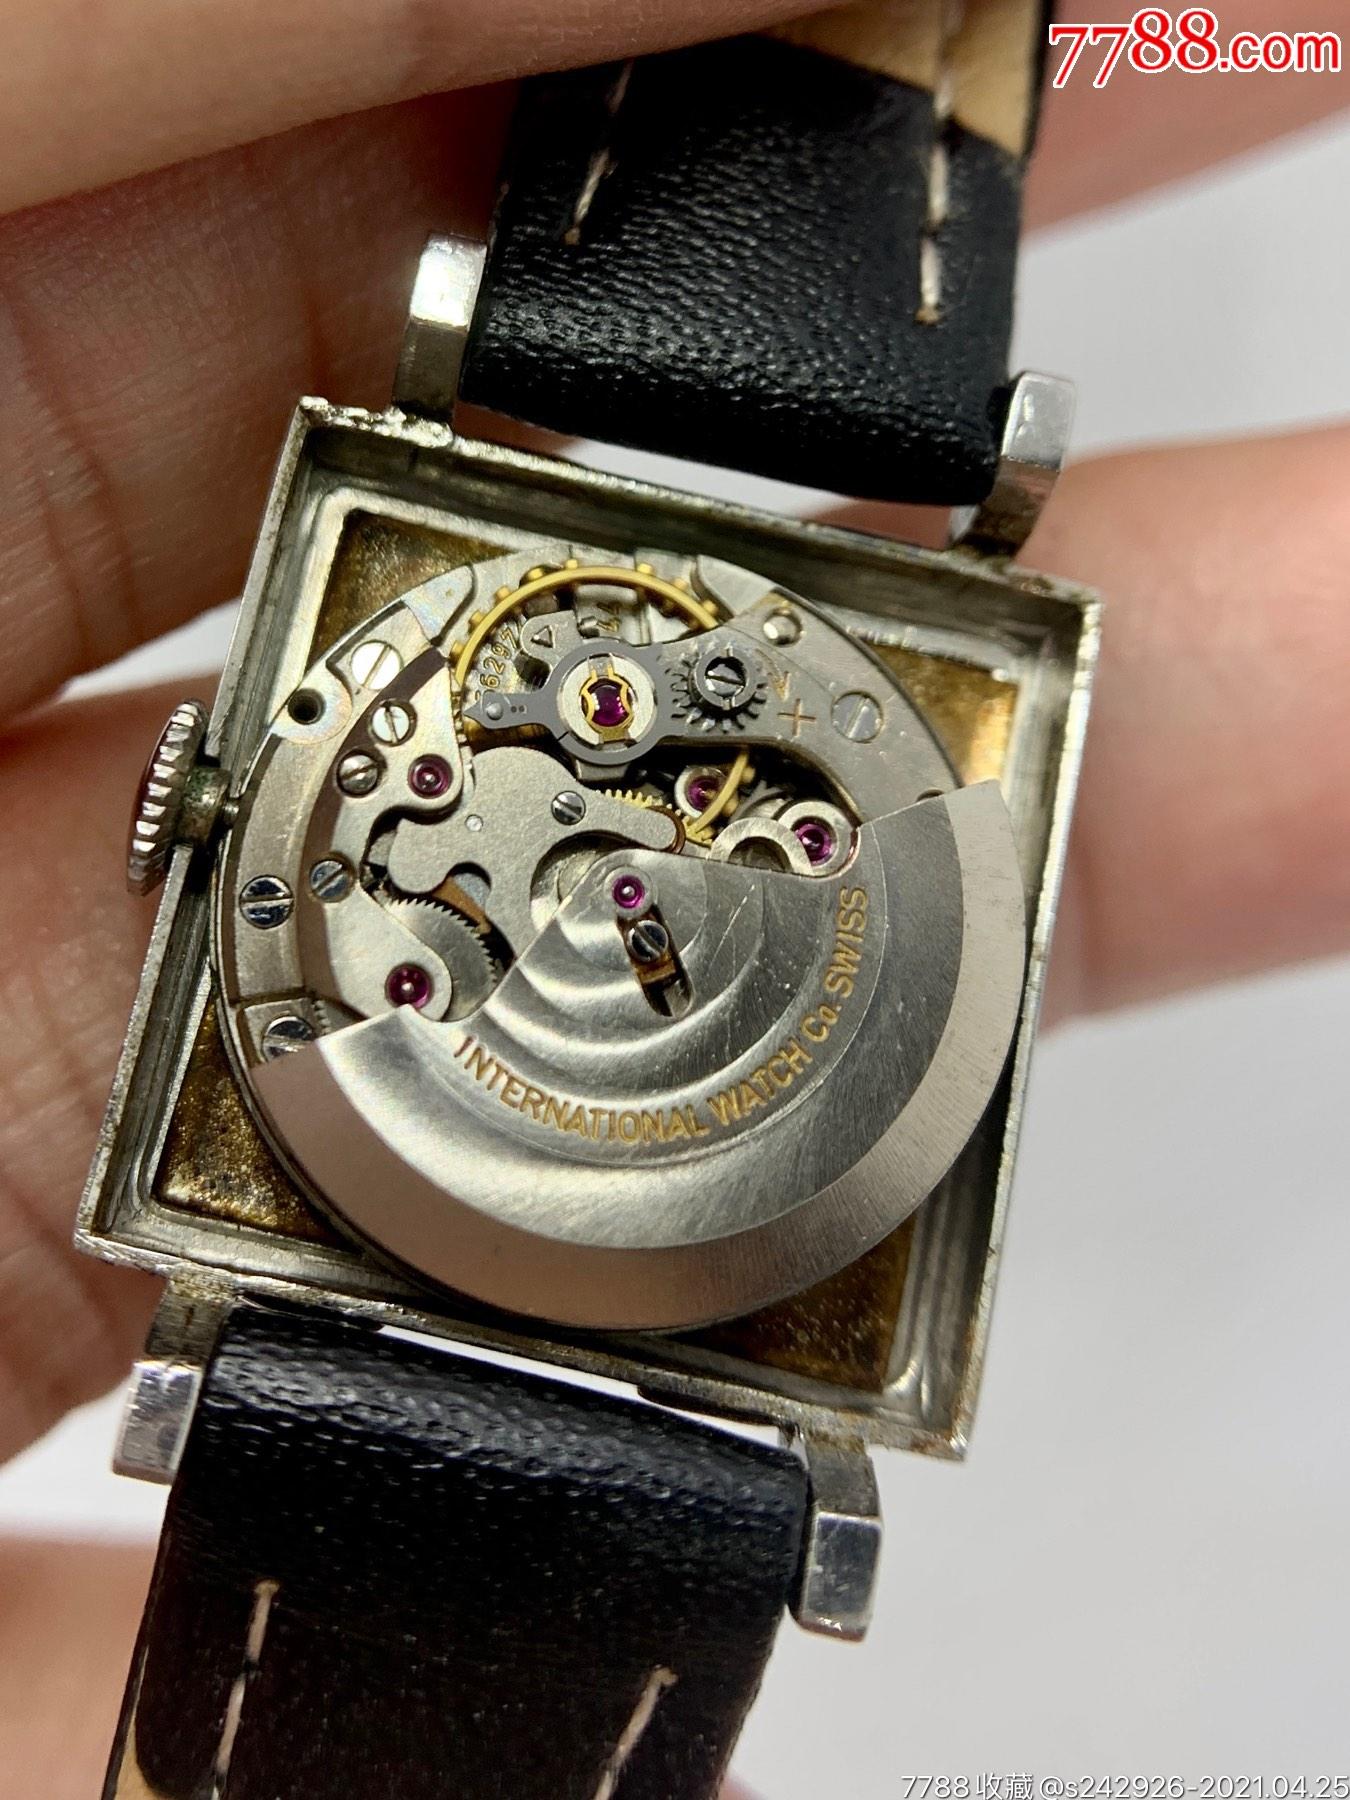 【萬國iwc】全自動機械手表雙金頭啄木鳥機芯_價格1039元_第6張_